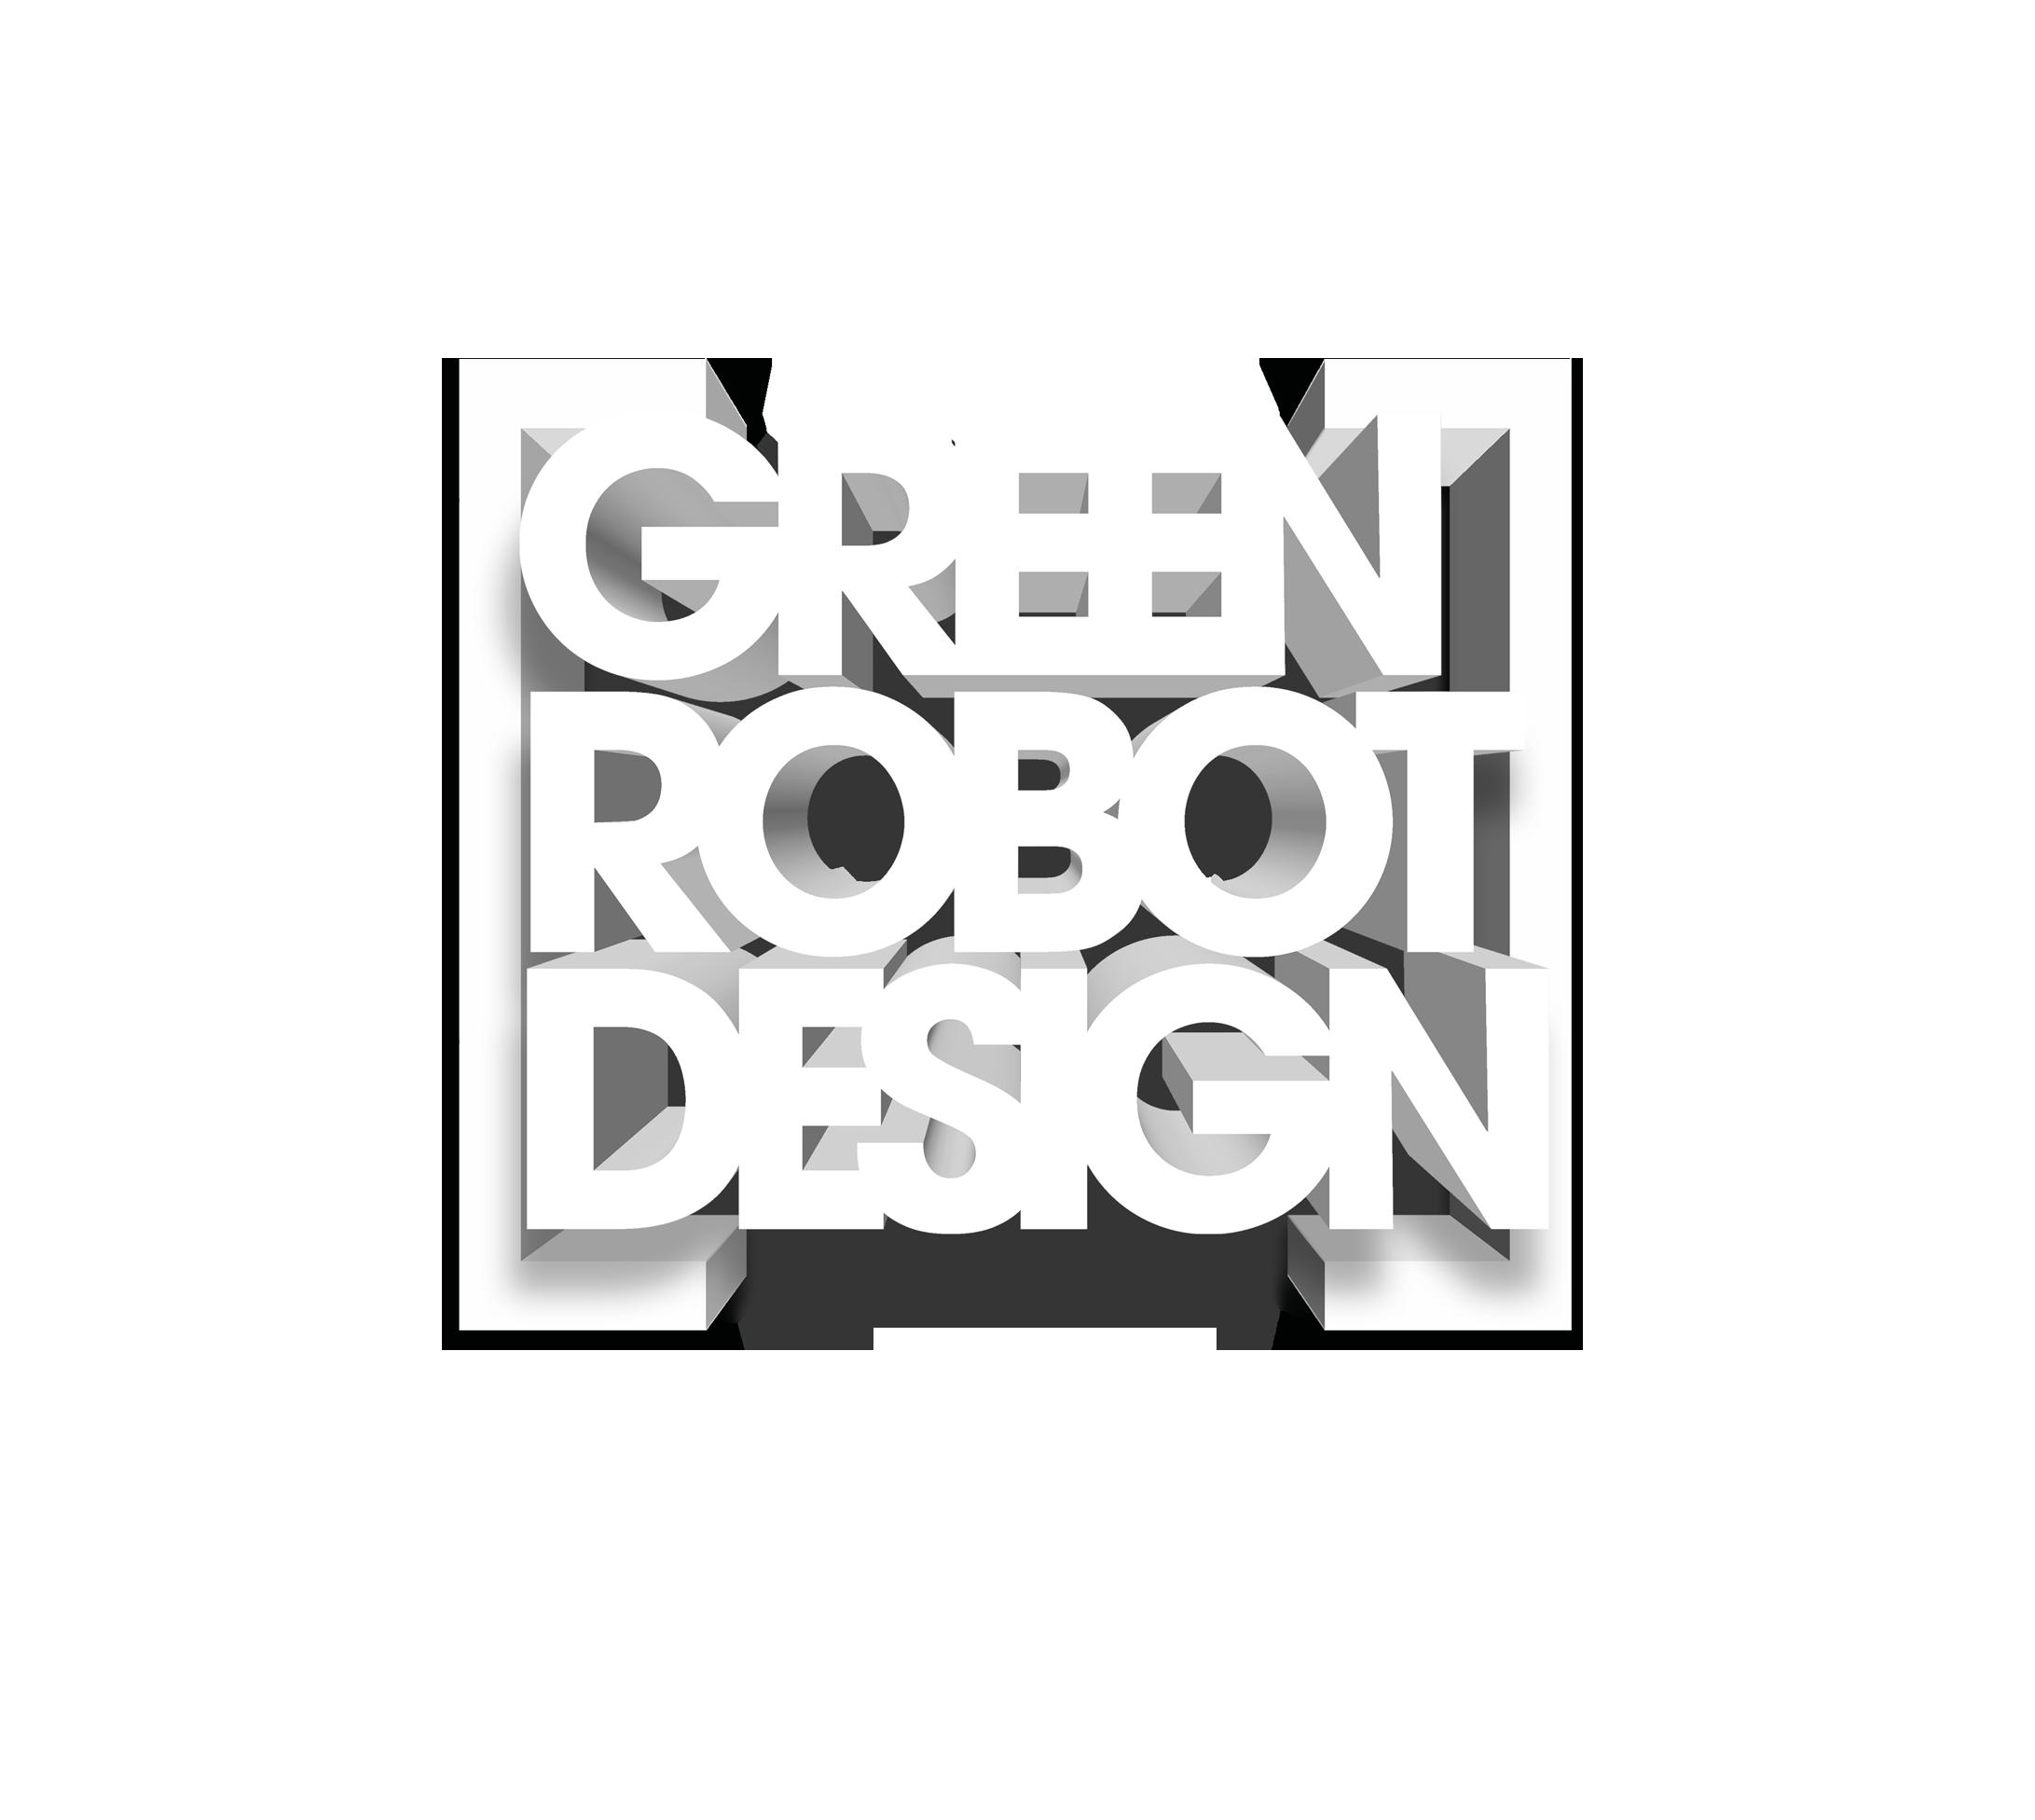 Green Robot Design